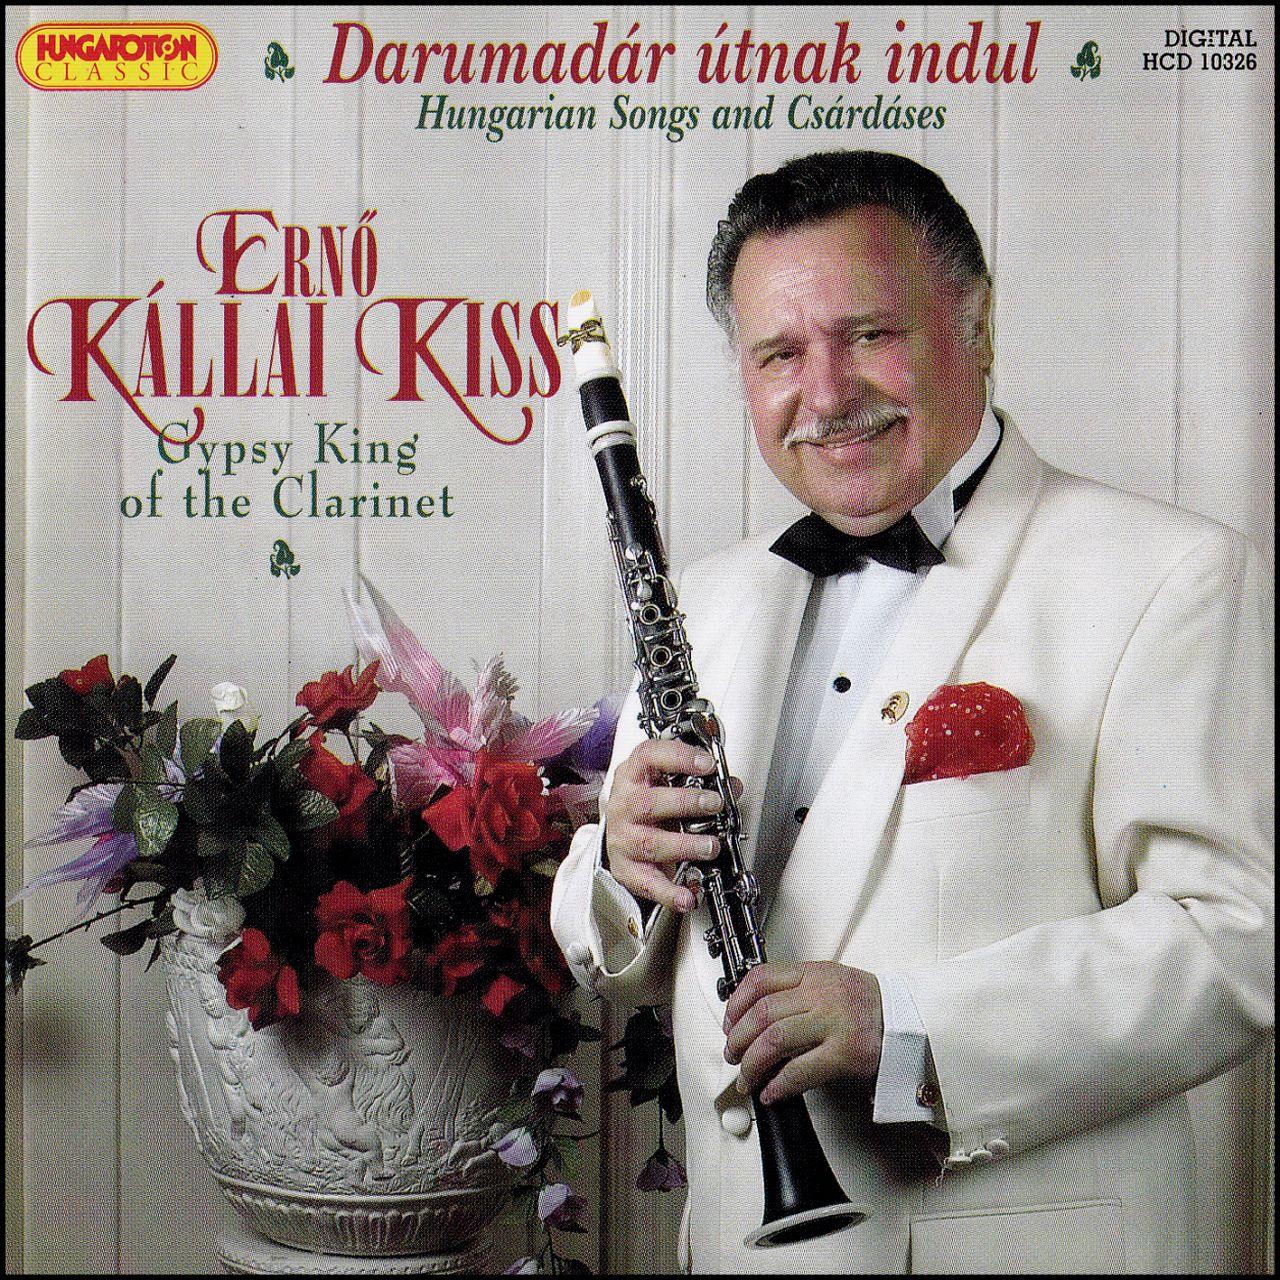 Kállai Kiss Ernő: Darumadár útnak indul (CD)